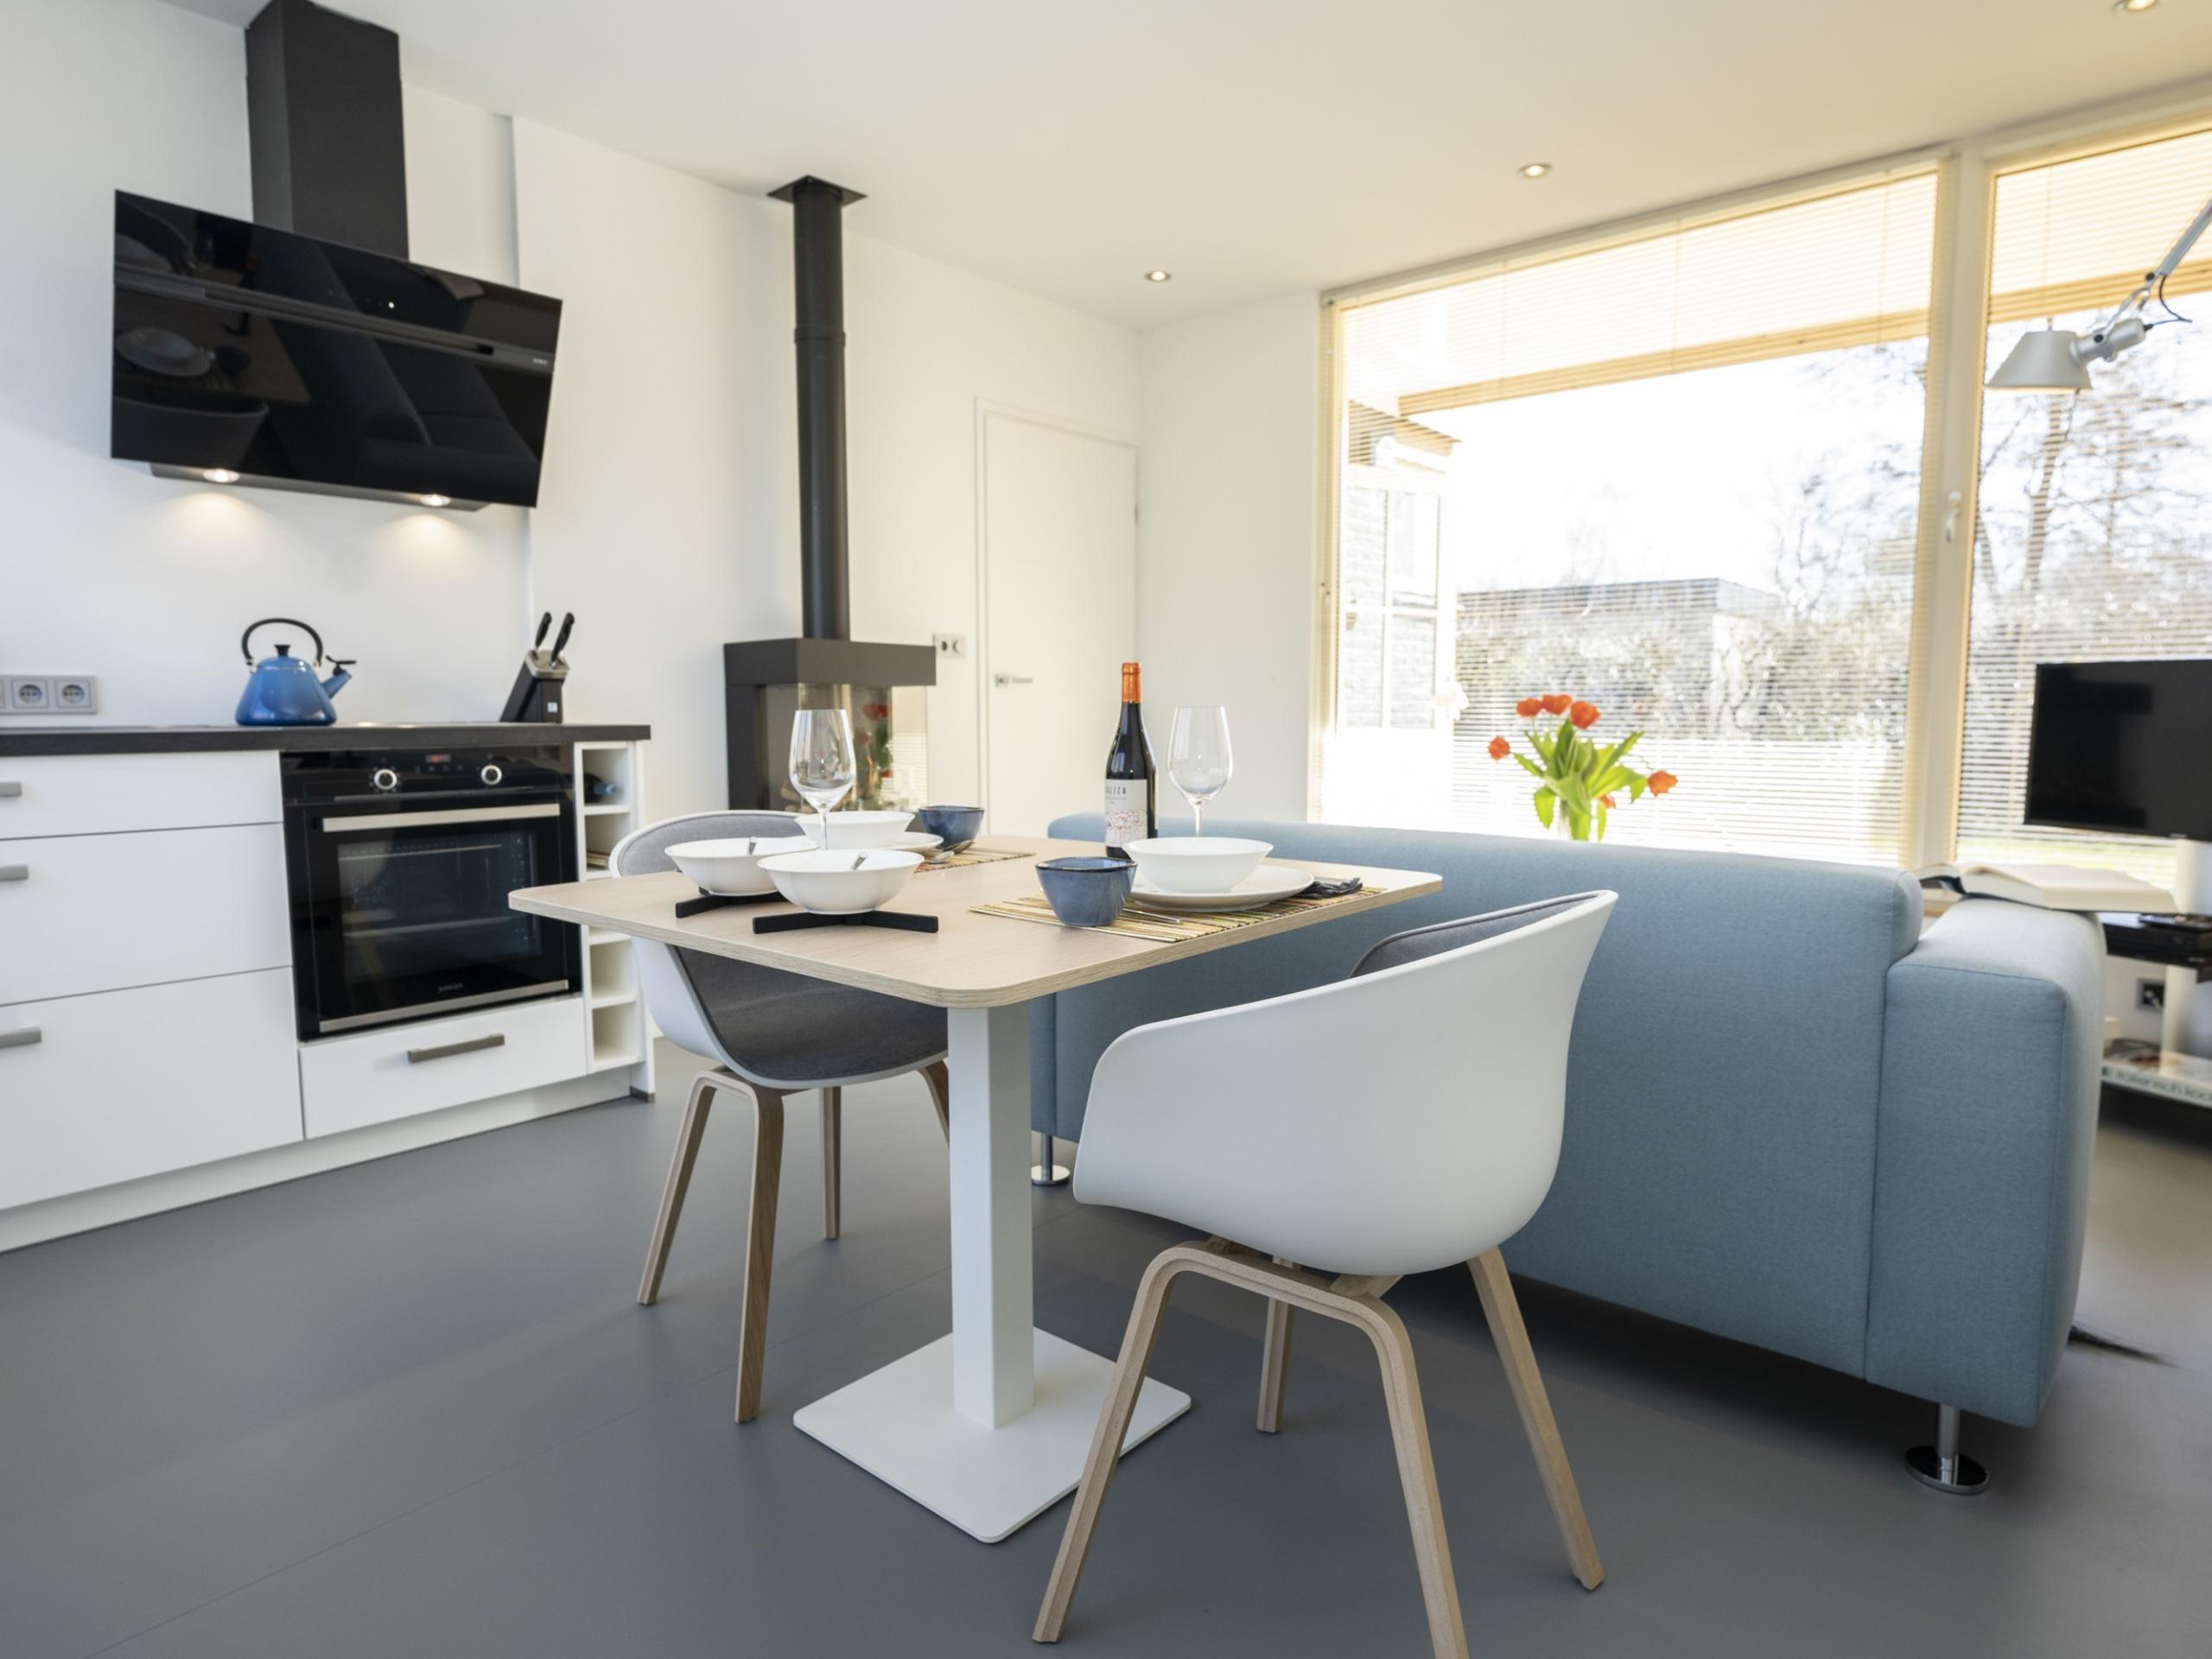 Moderner Bungalow mit separatem Arbeitszimmer / Ruheraum und gemütlichem Gartenzimmer